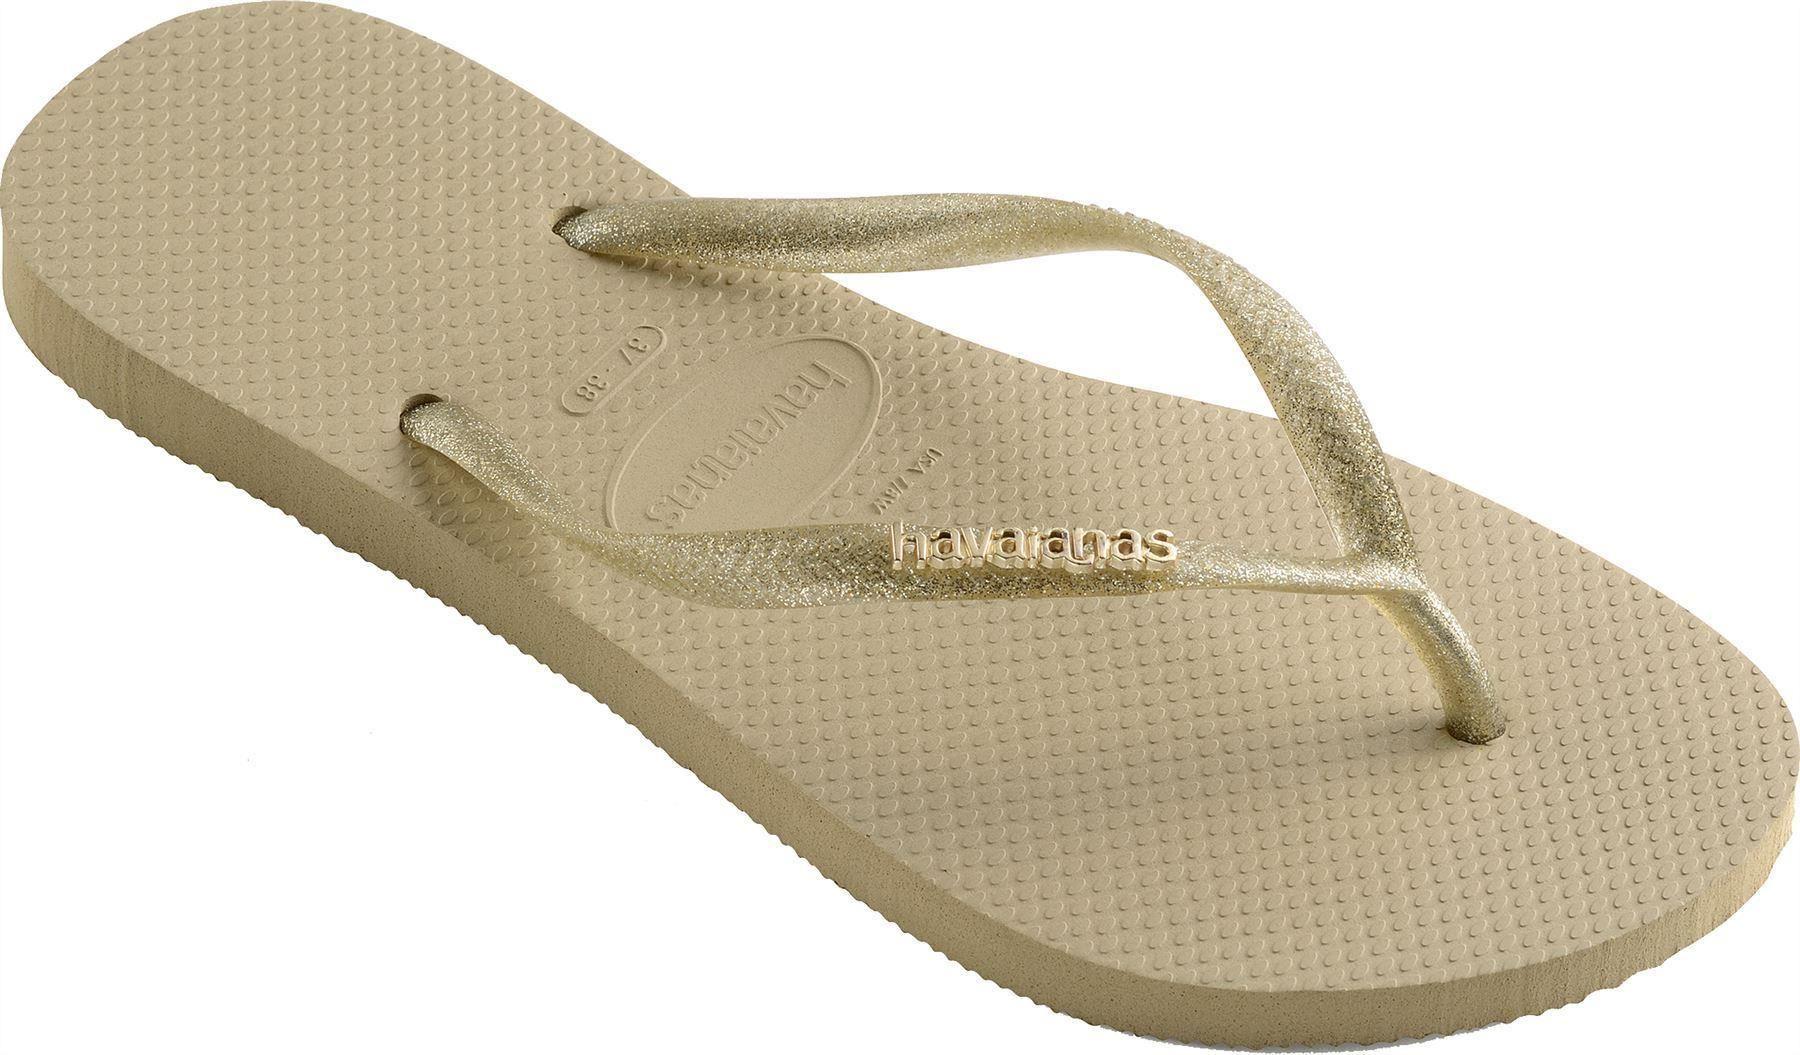 c8d8f35ea Havaianas Women Slim Logo Metal Sand Grey Light Golden Flip Flops